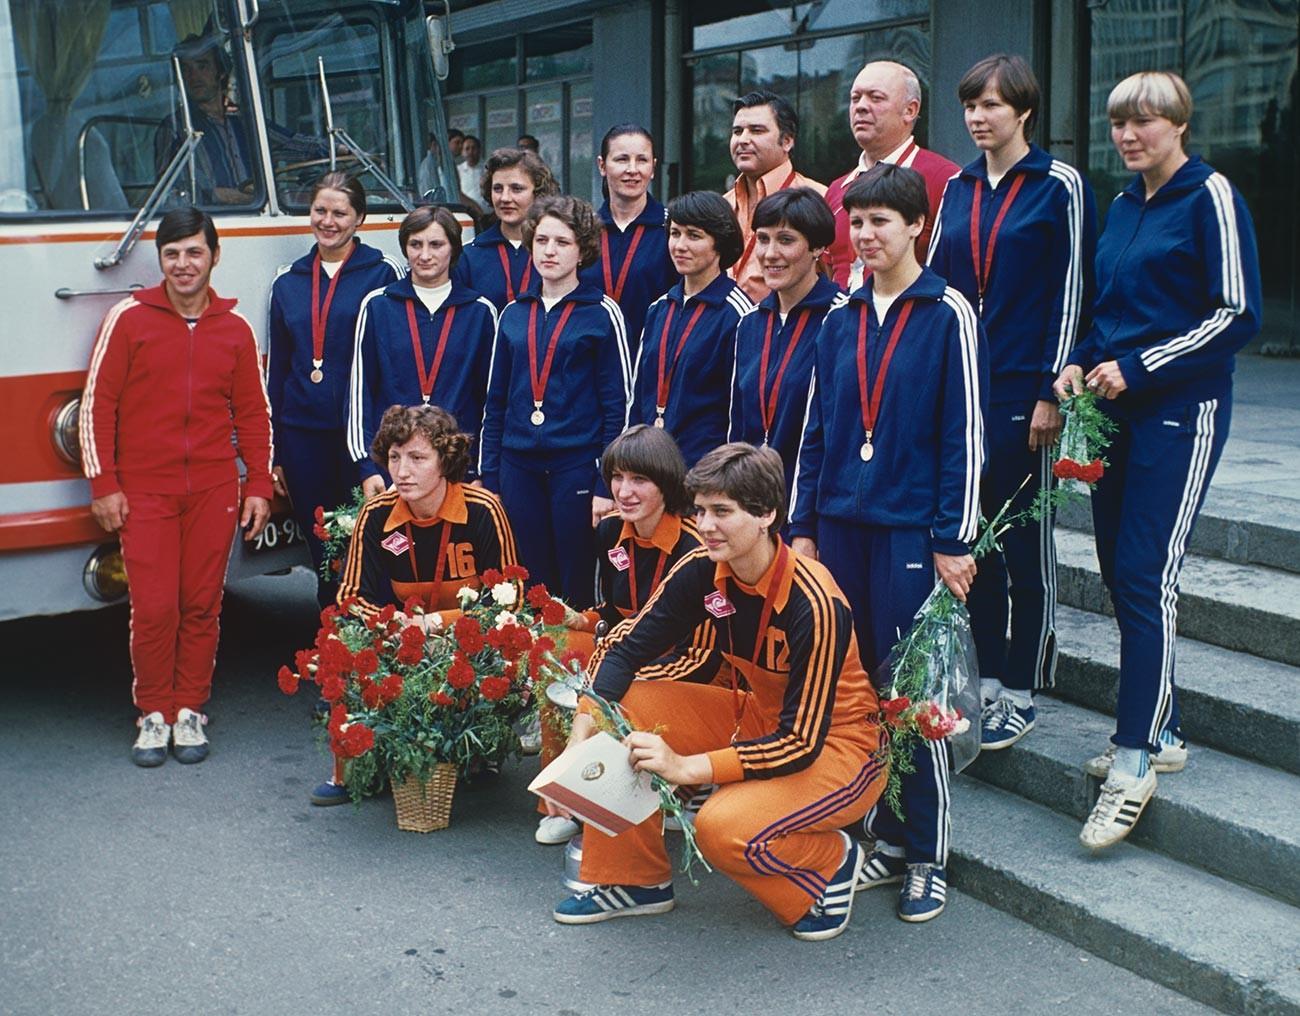 Ženska rokometna ekipa kijevskega Spartaka, ki je 11 krat osvojila državno prvenstvo ZSSR.